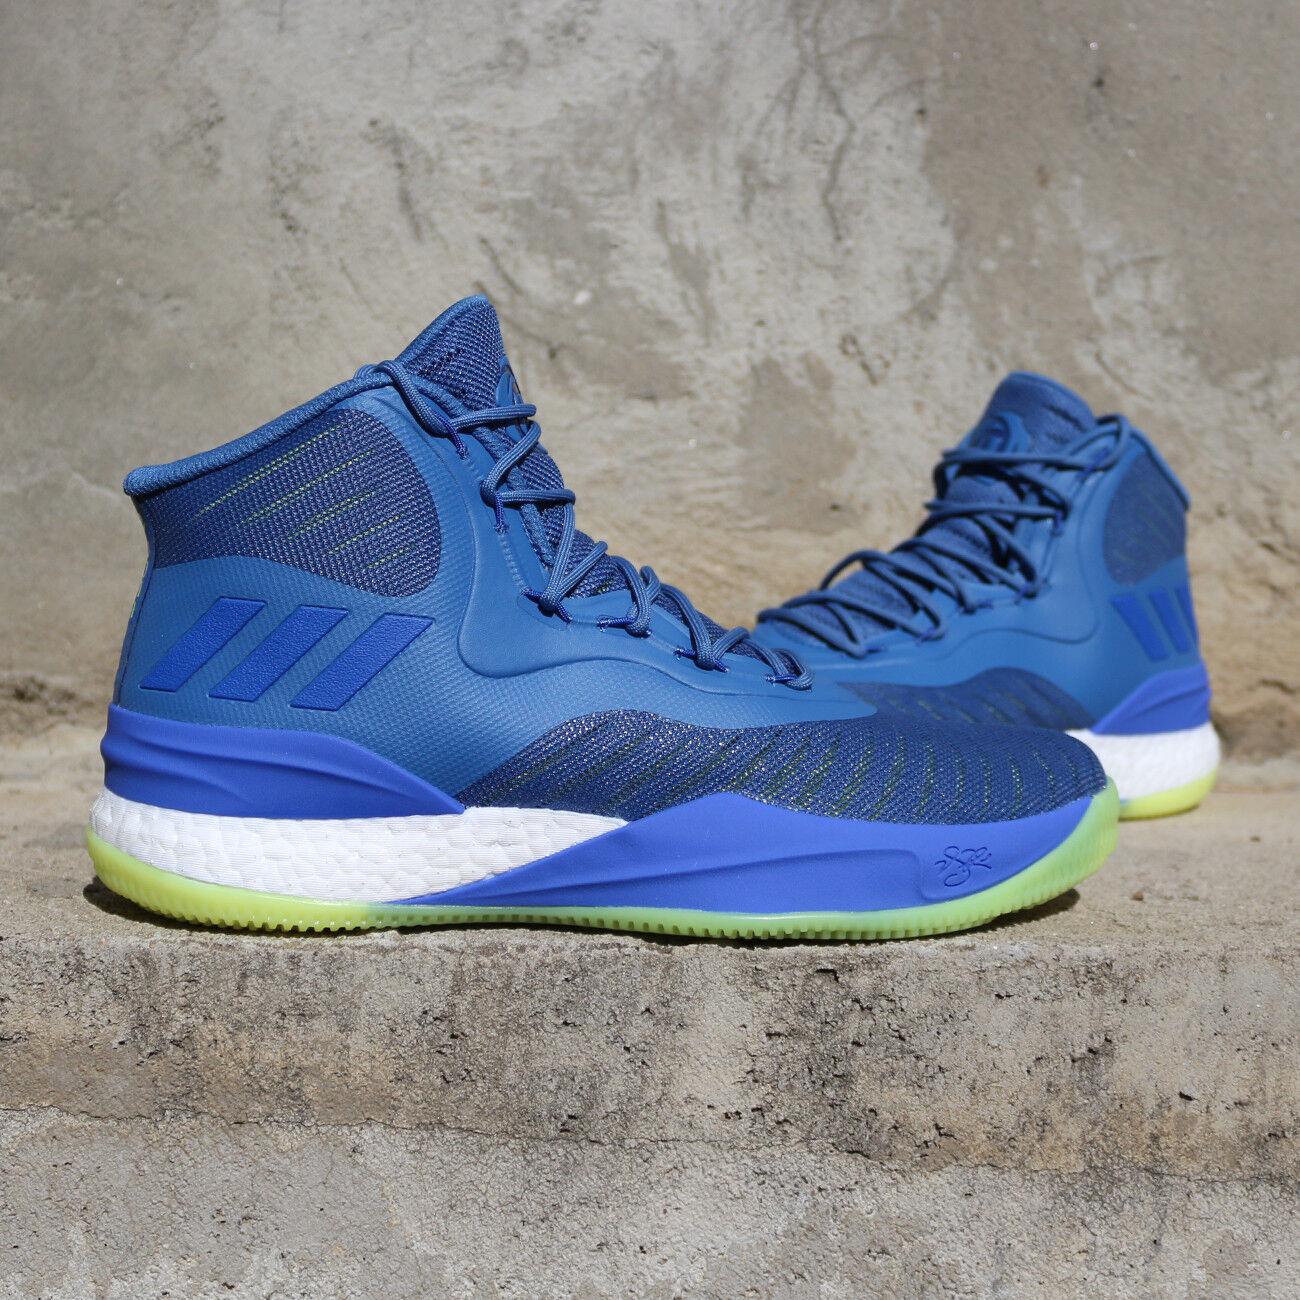 Adidas D Rosa 8 CQ0850 CQ0850 CQ0850 Blau Gelb Grün Sprite Bulls Timberwolves Basketball DS bb0ab0